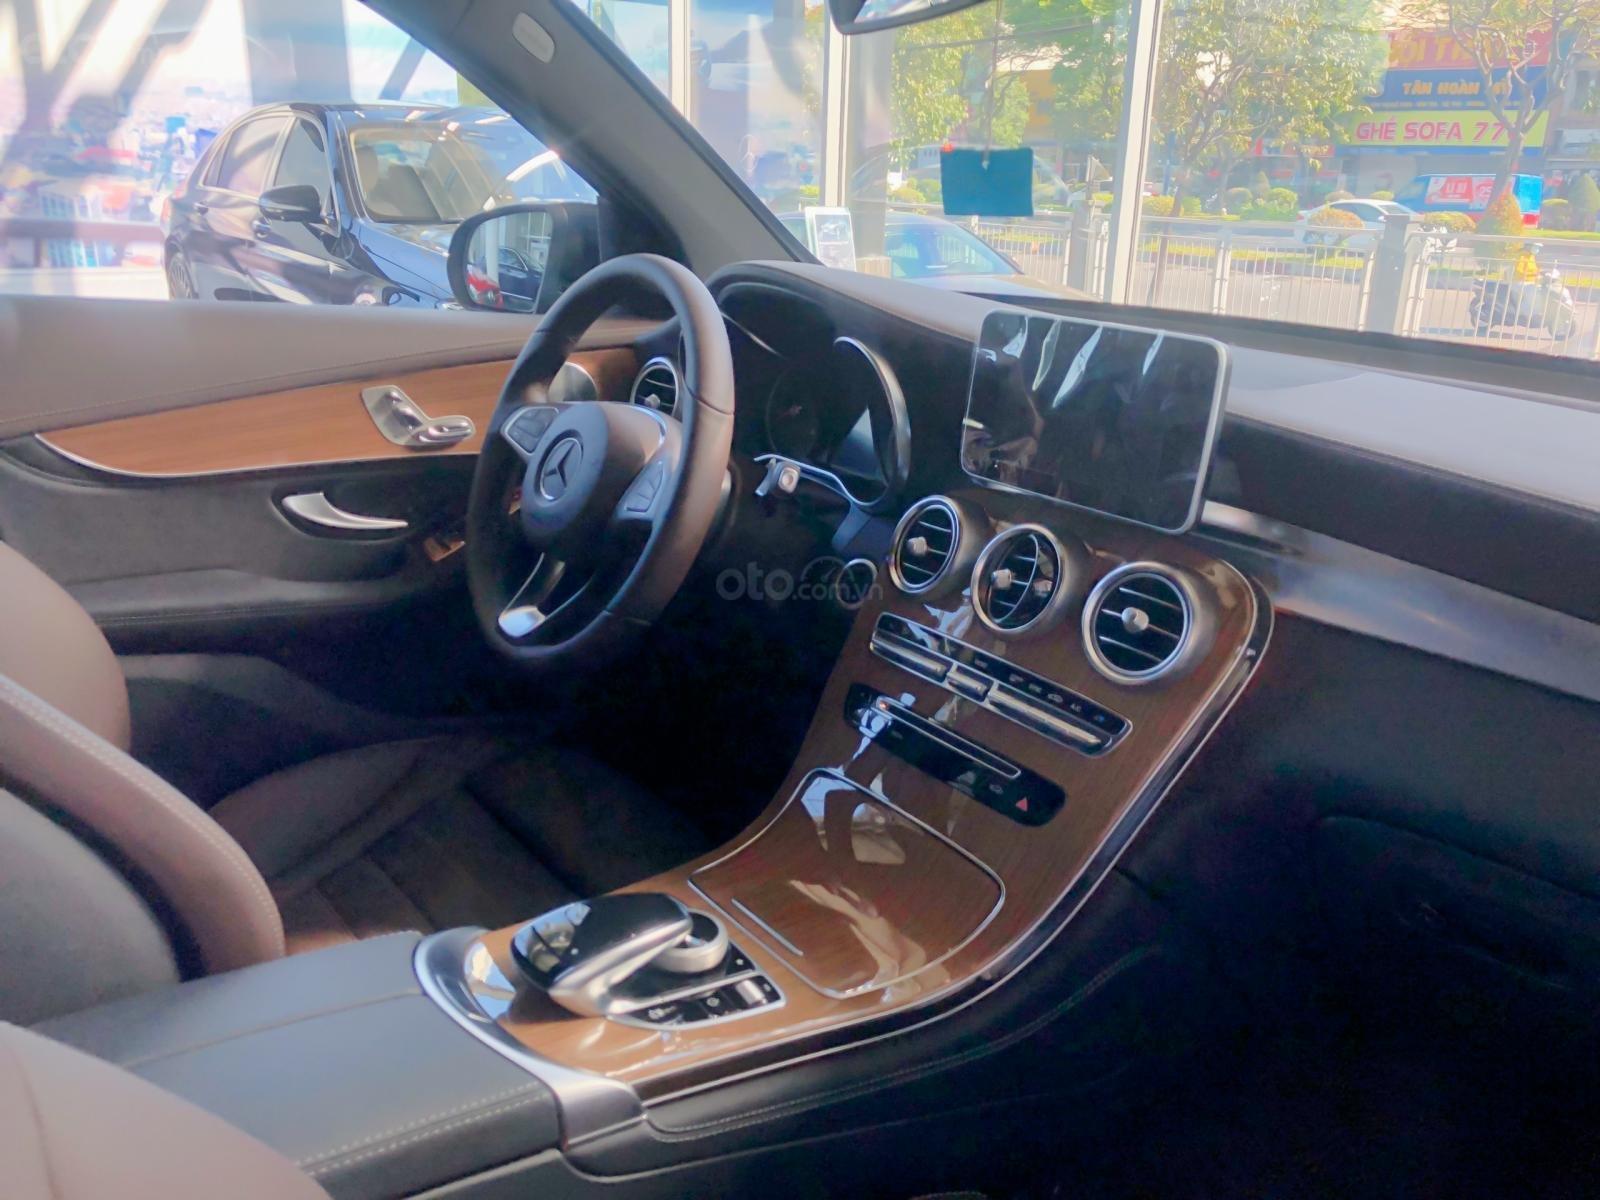 Bán xe Mercedes GLC250 tốt nhất hôm nay - Hỗ trợ trả góp lãi suất thấp - Giảm giá cực khủng - KM cực tốt-4